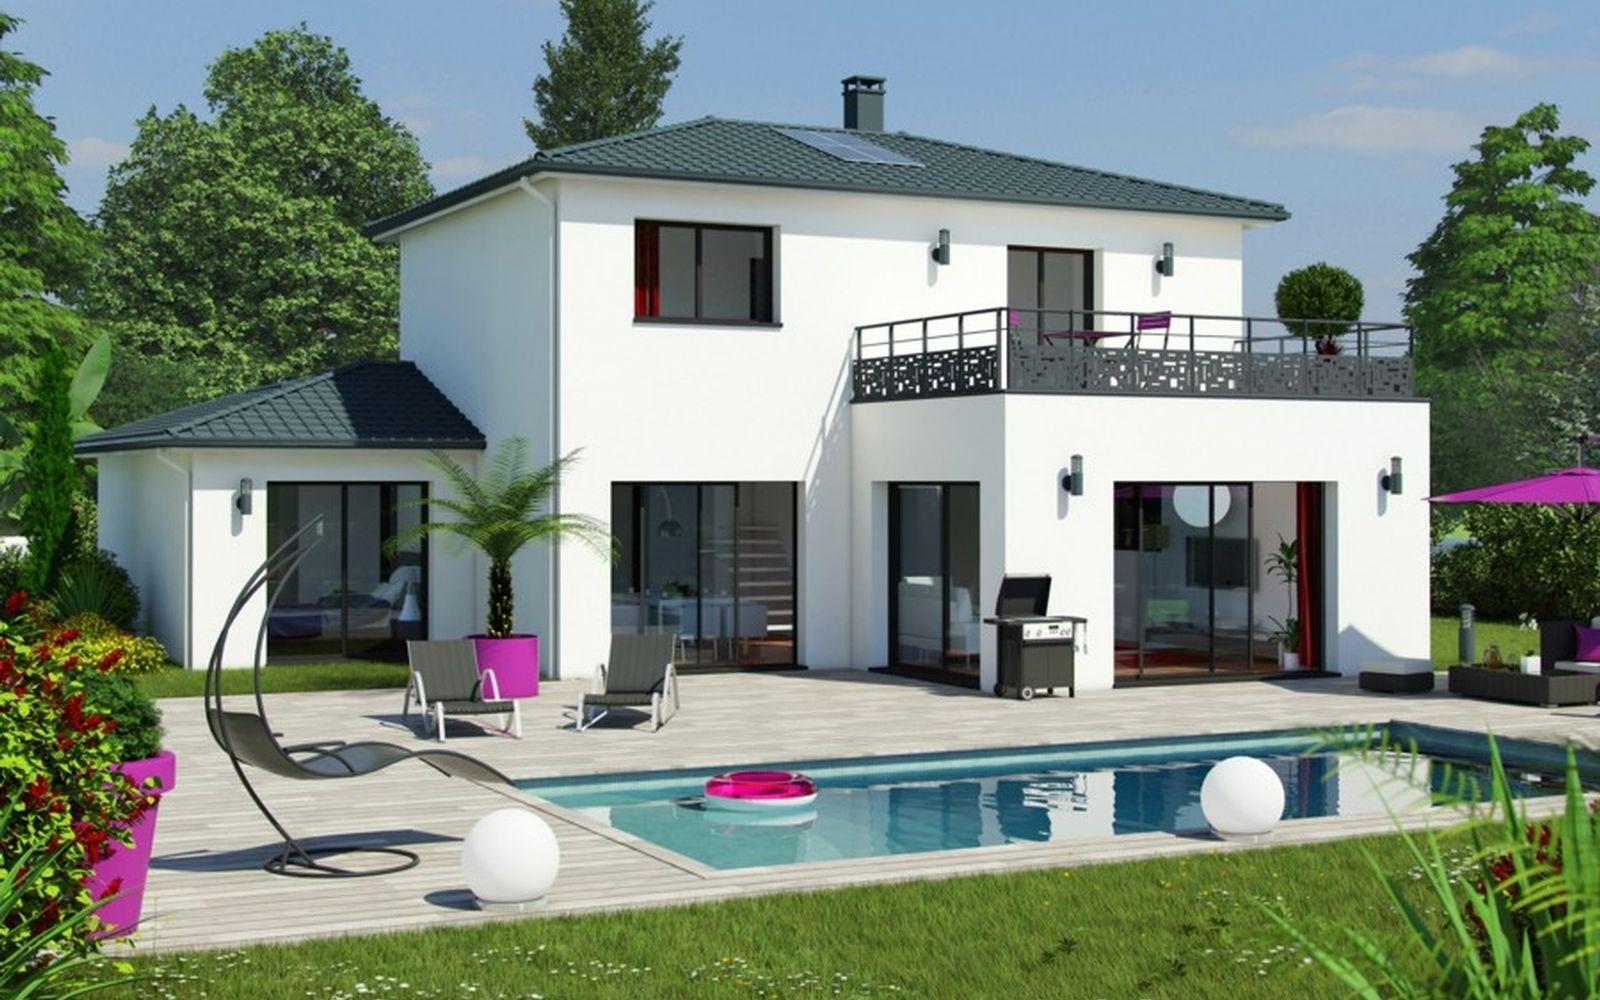 Modèle MAEVA   Construction maison, Modèle maison, Maison